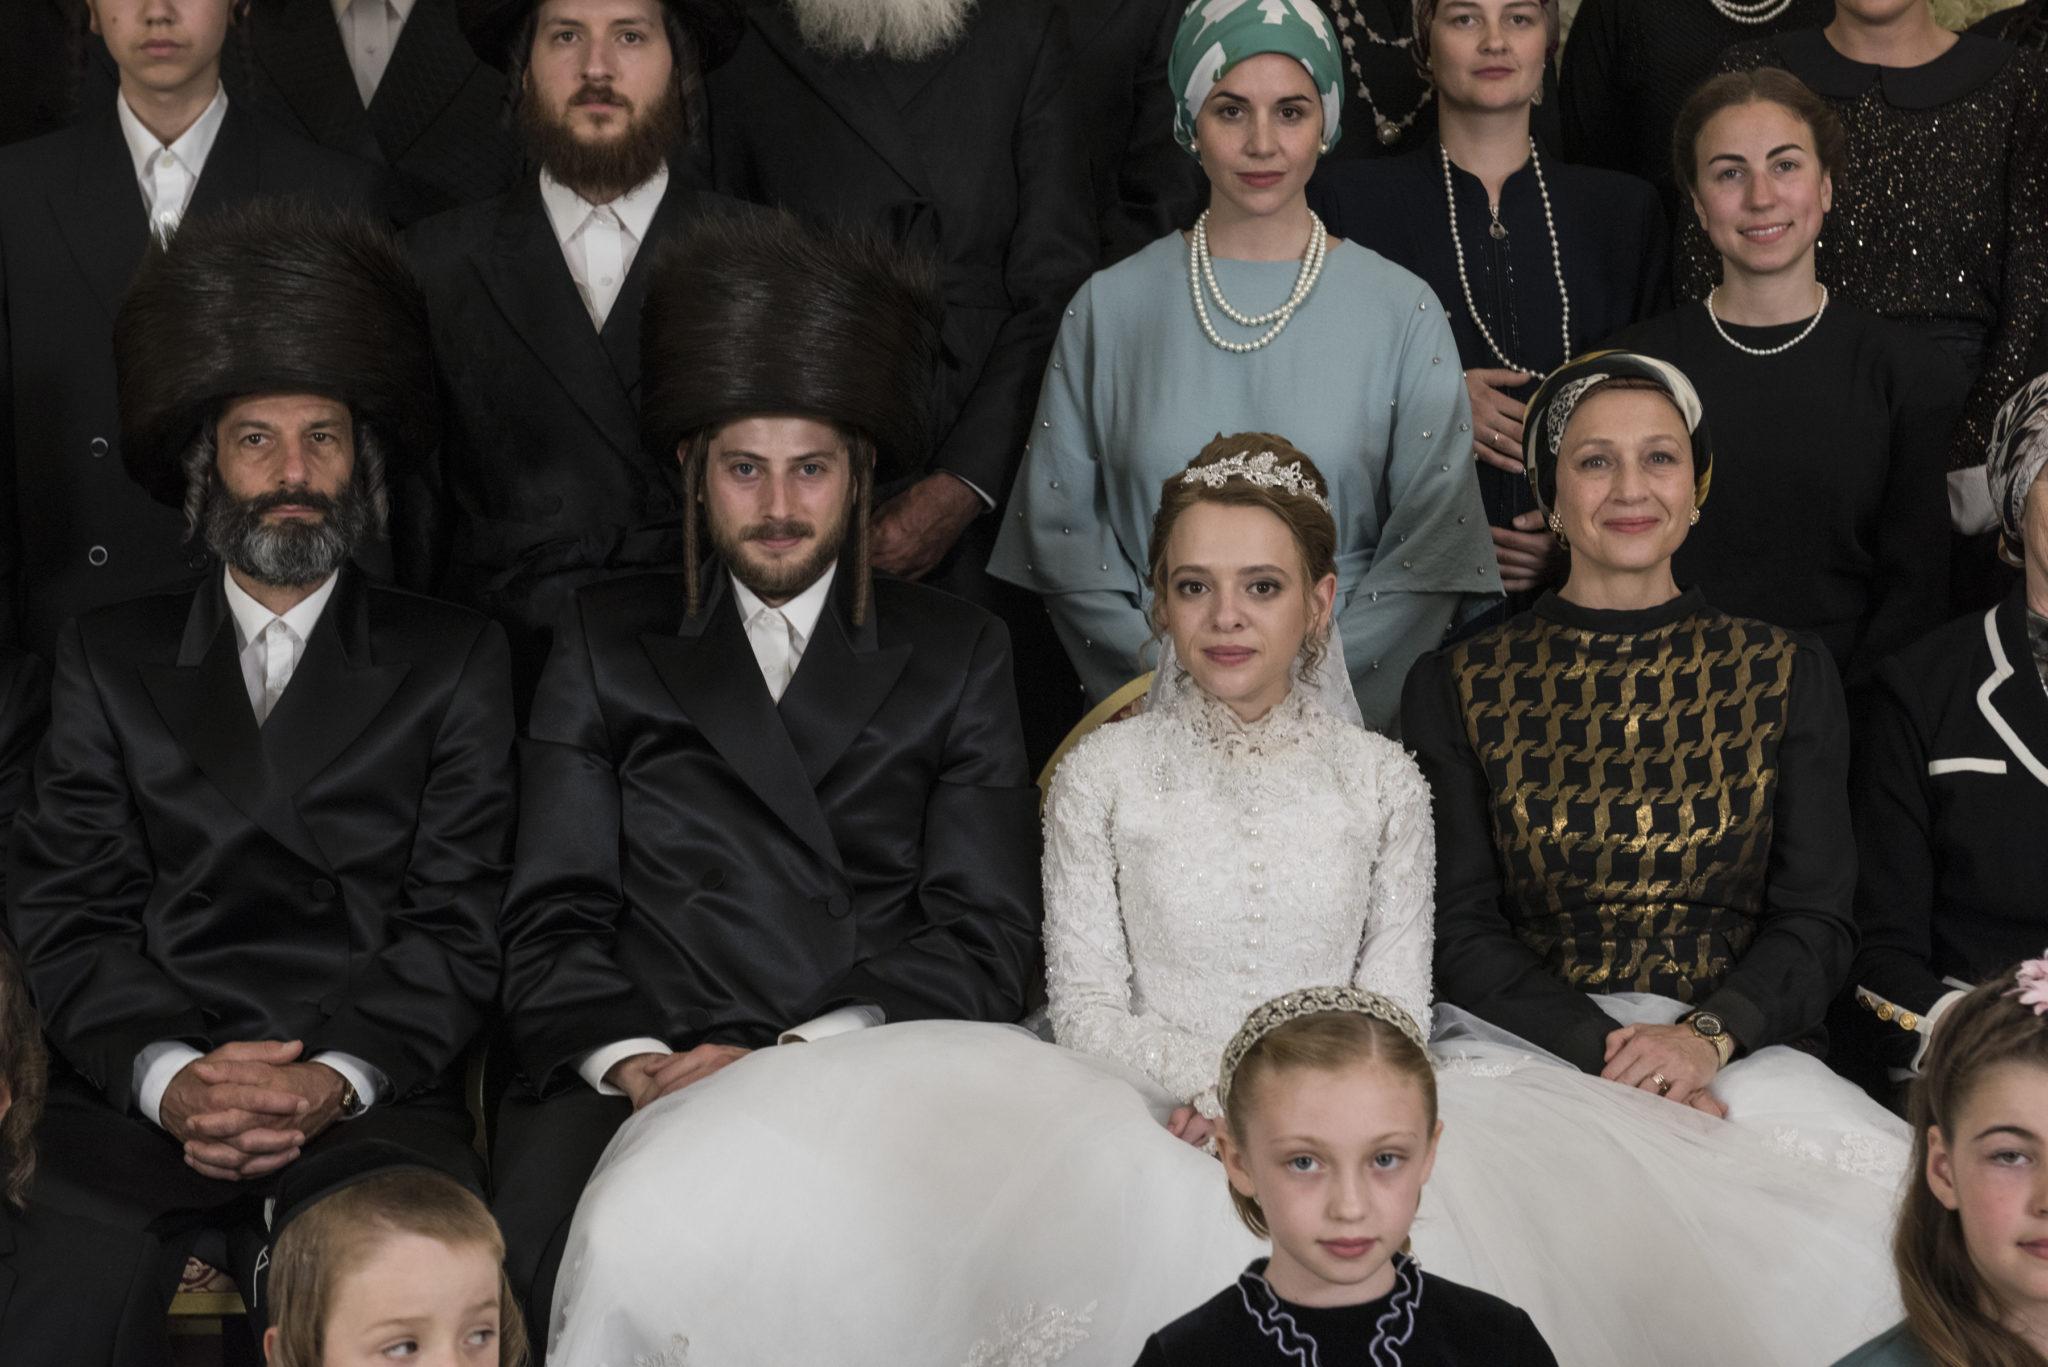 Die Hochzeitsfeier in Unorthodox